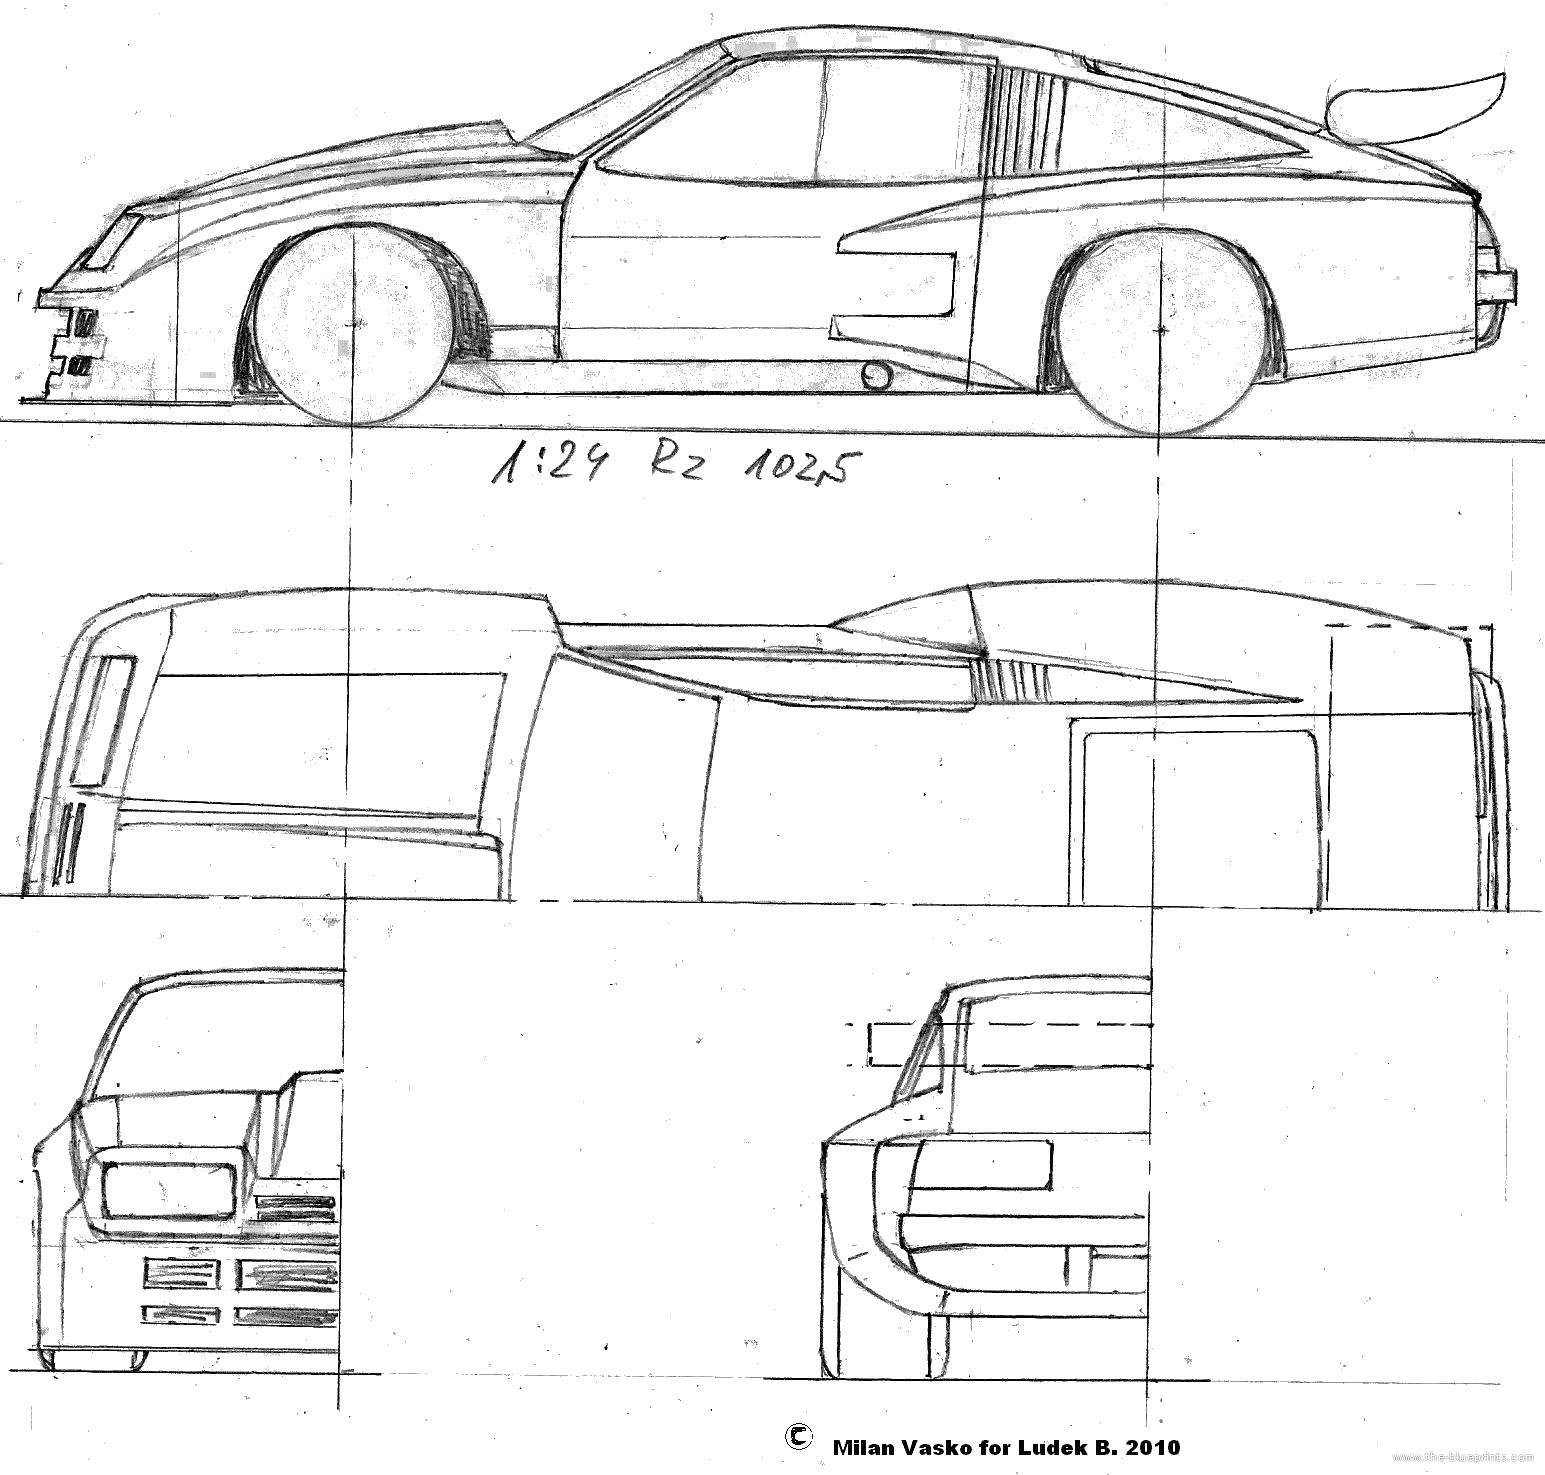 V8 Monza